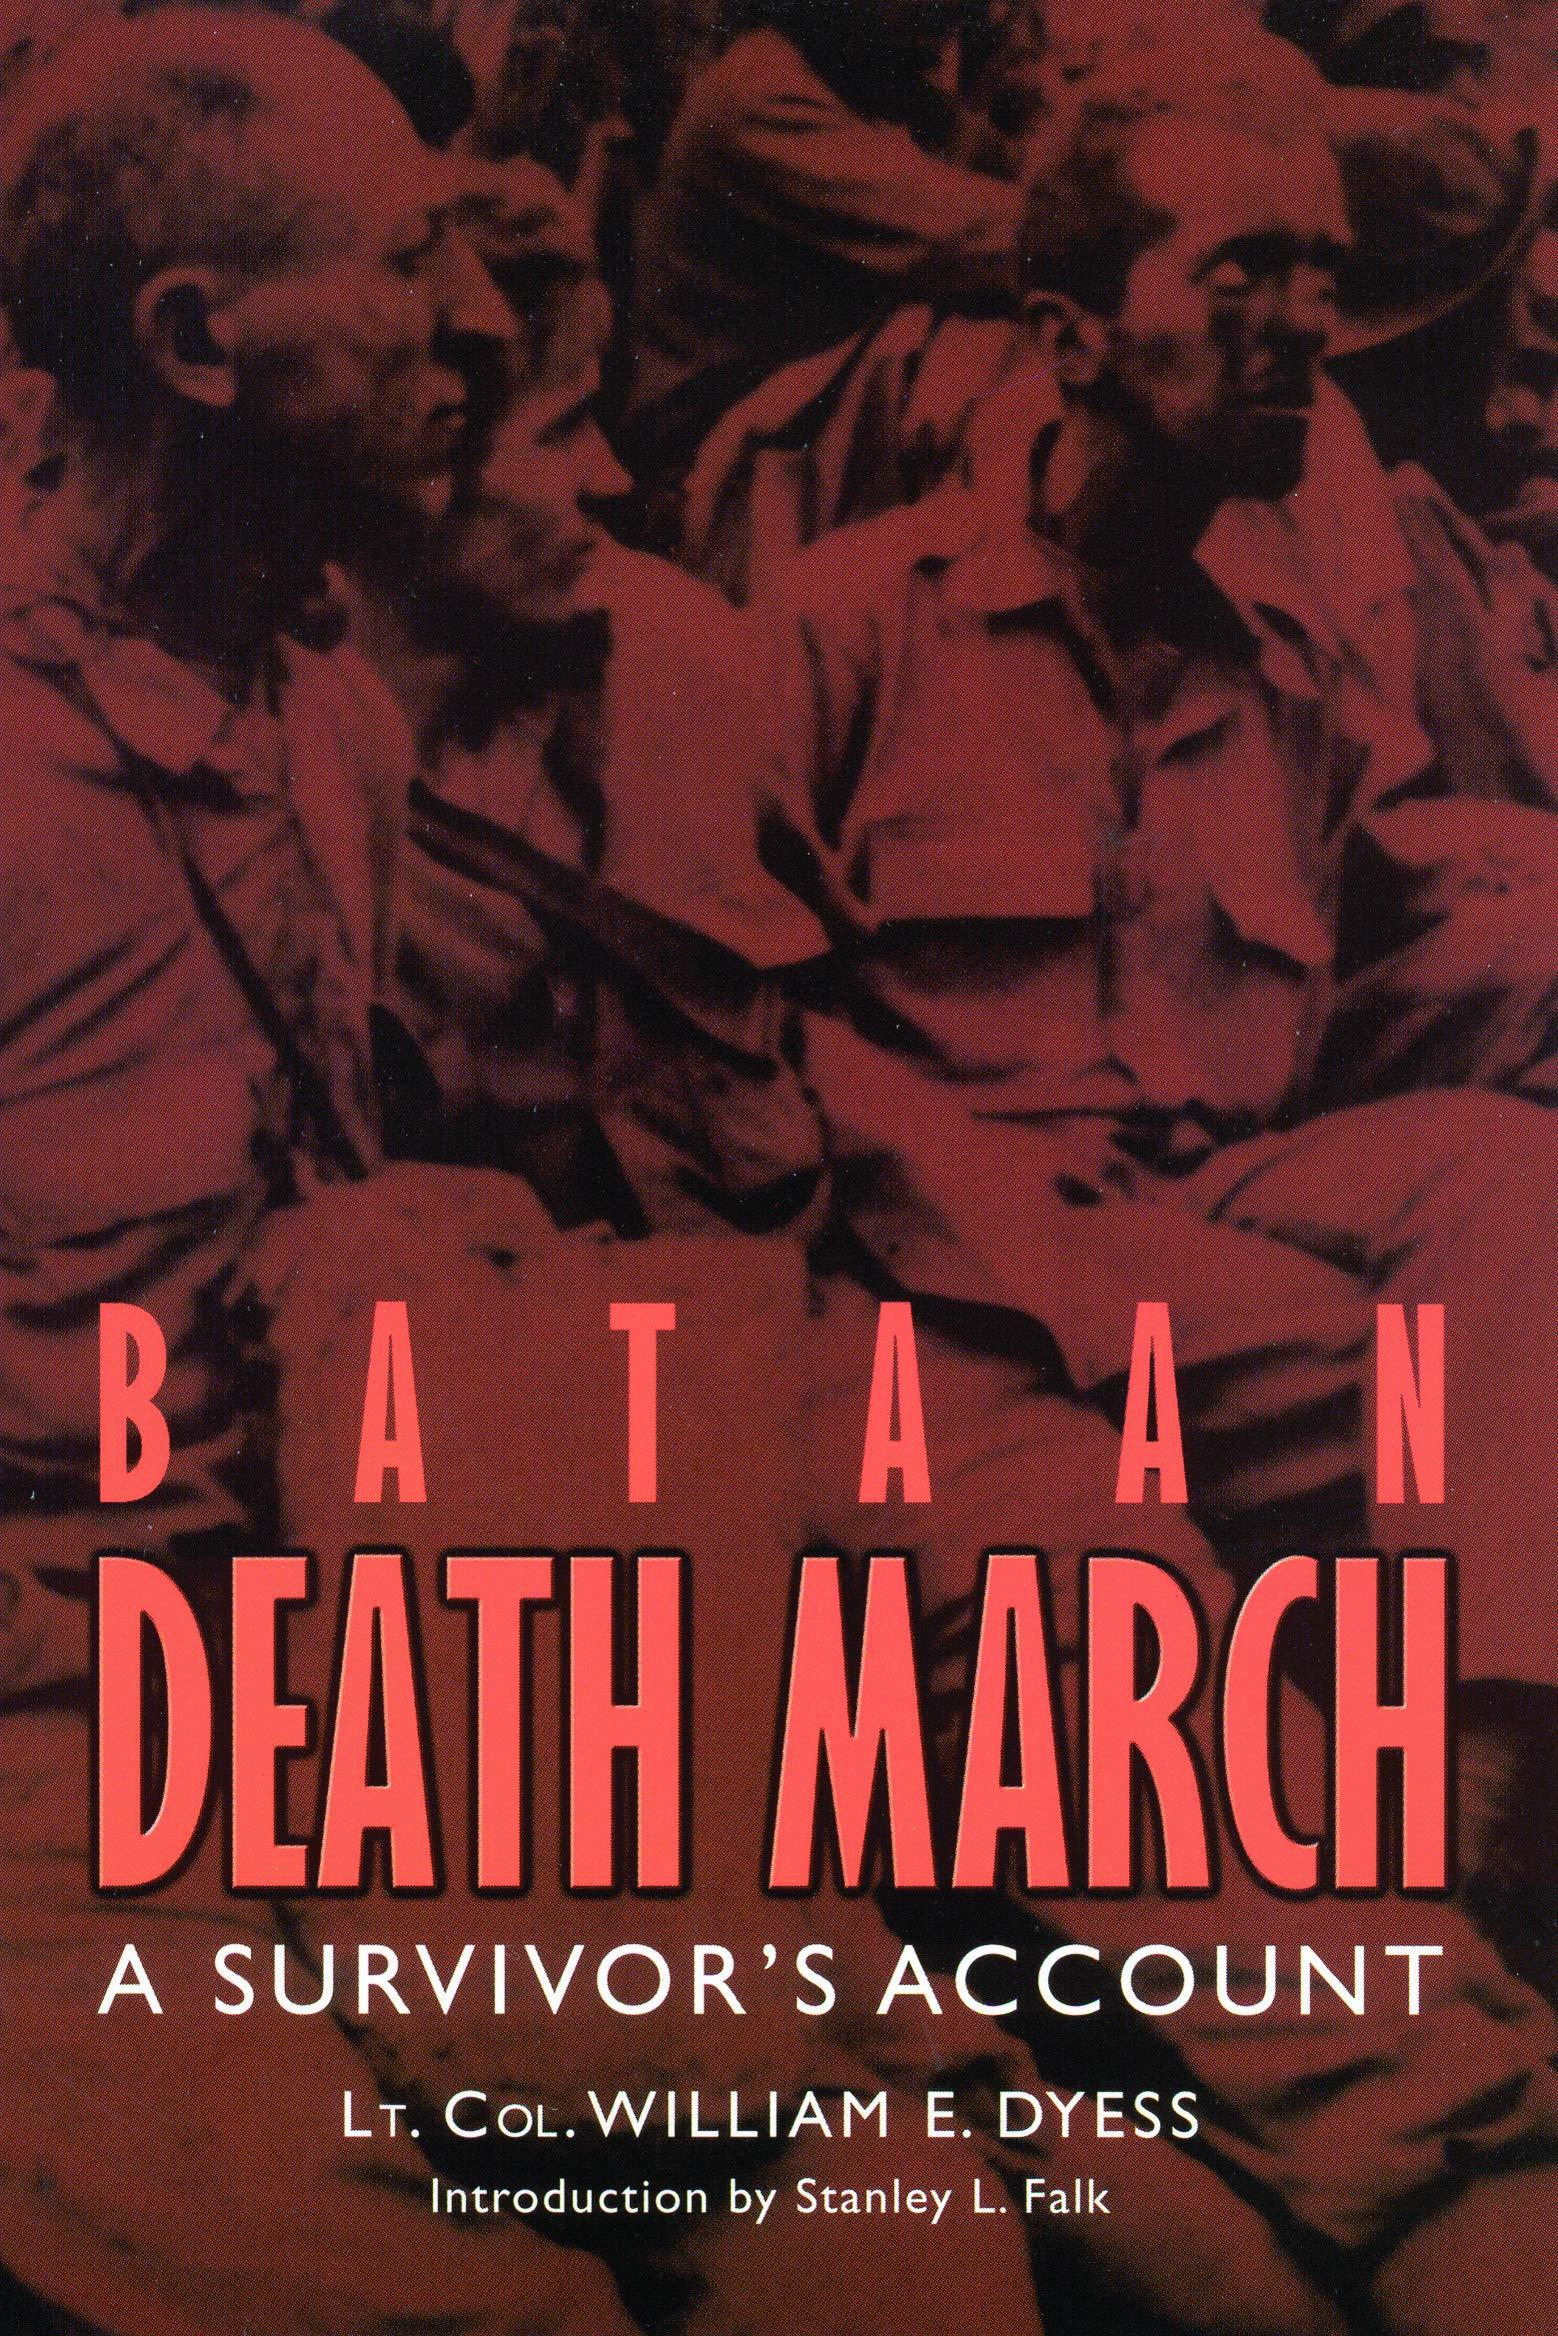 Bataan Death March: A Survivor's Account